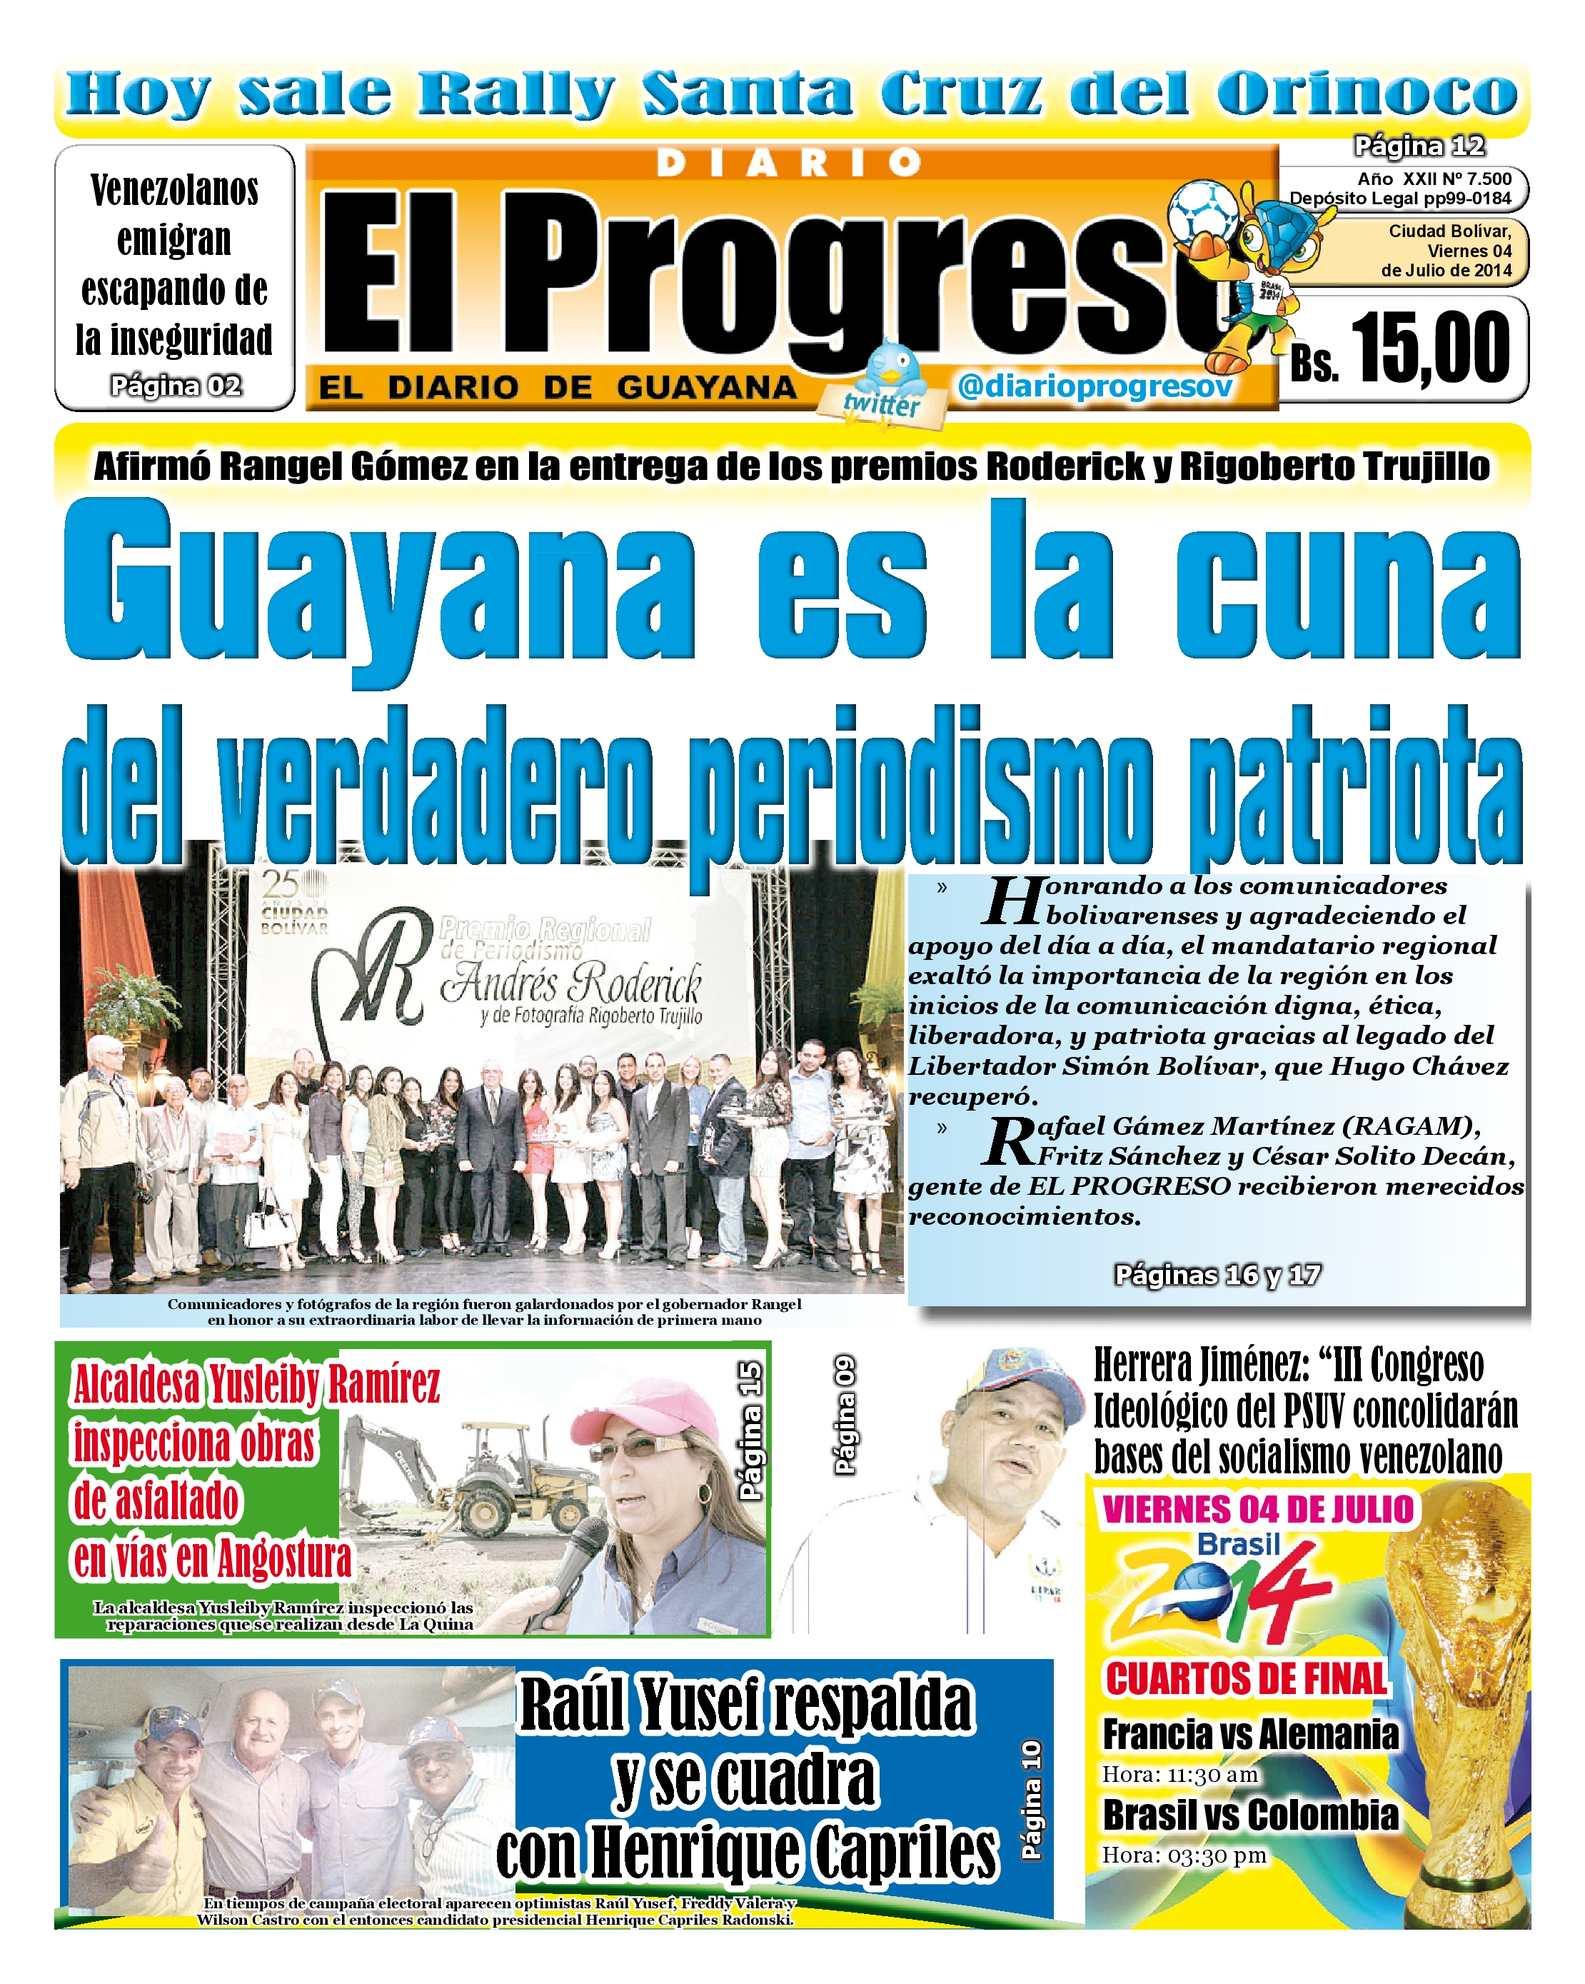 Calaméo - DIARIO EL PROGRESO EDICIÓN DIGITAL 04-07-2014 09ccad466d8c5